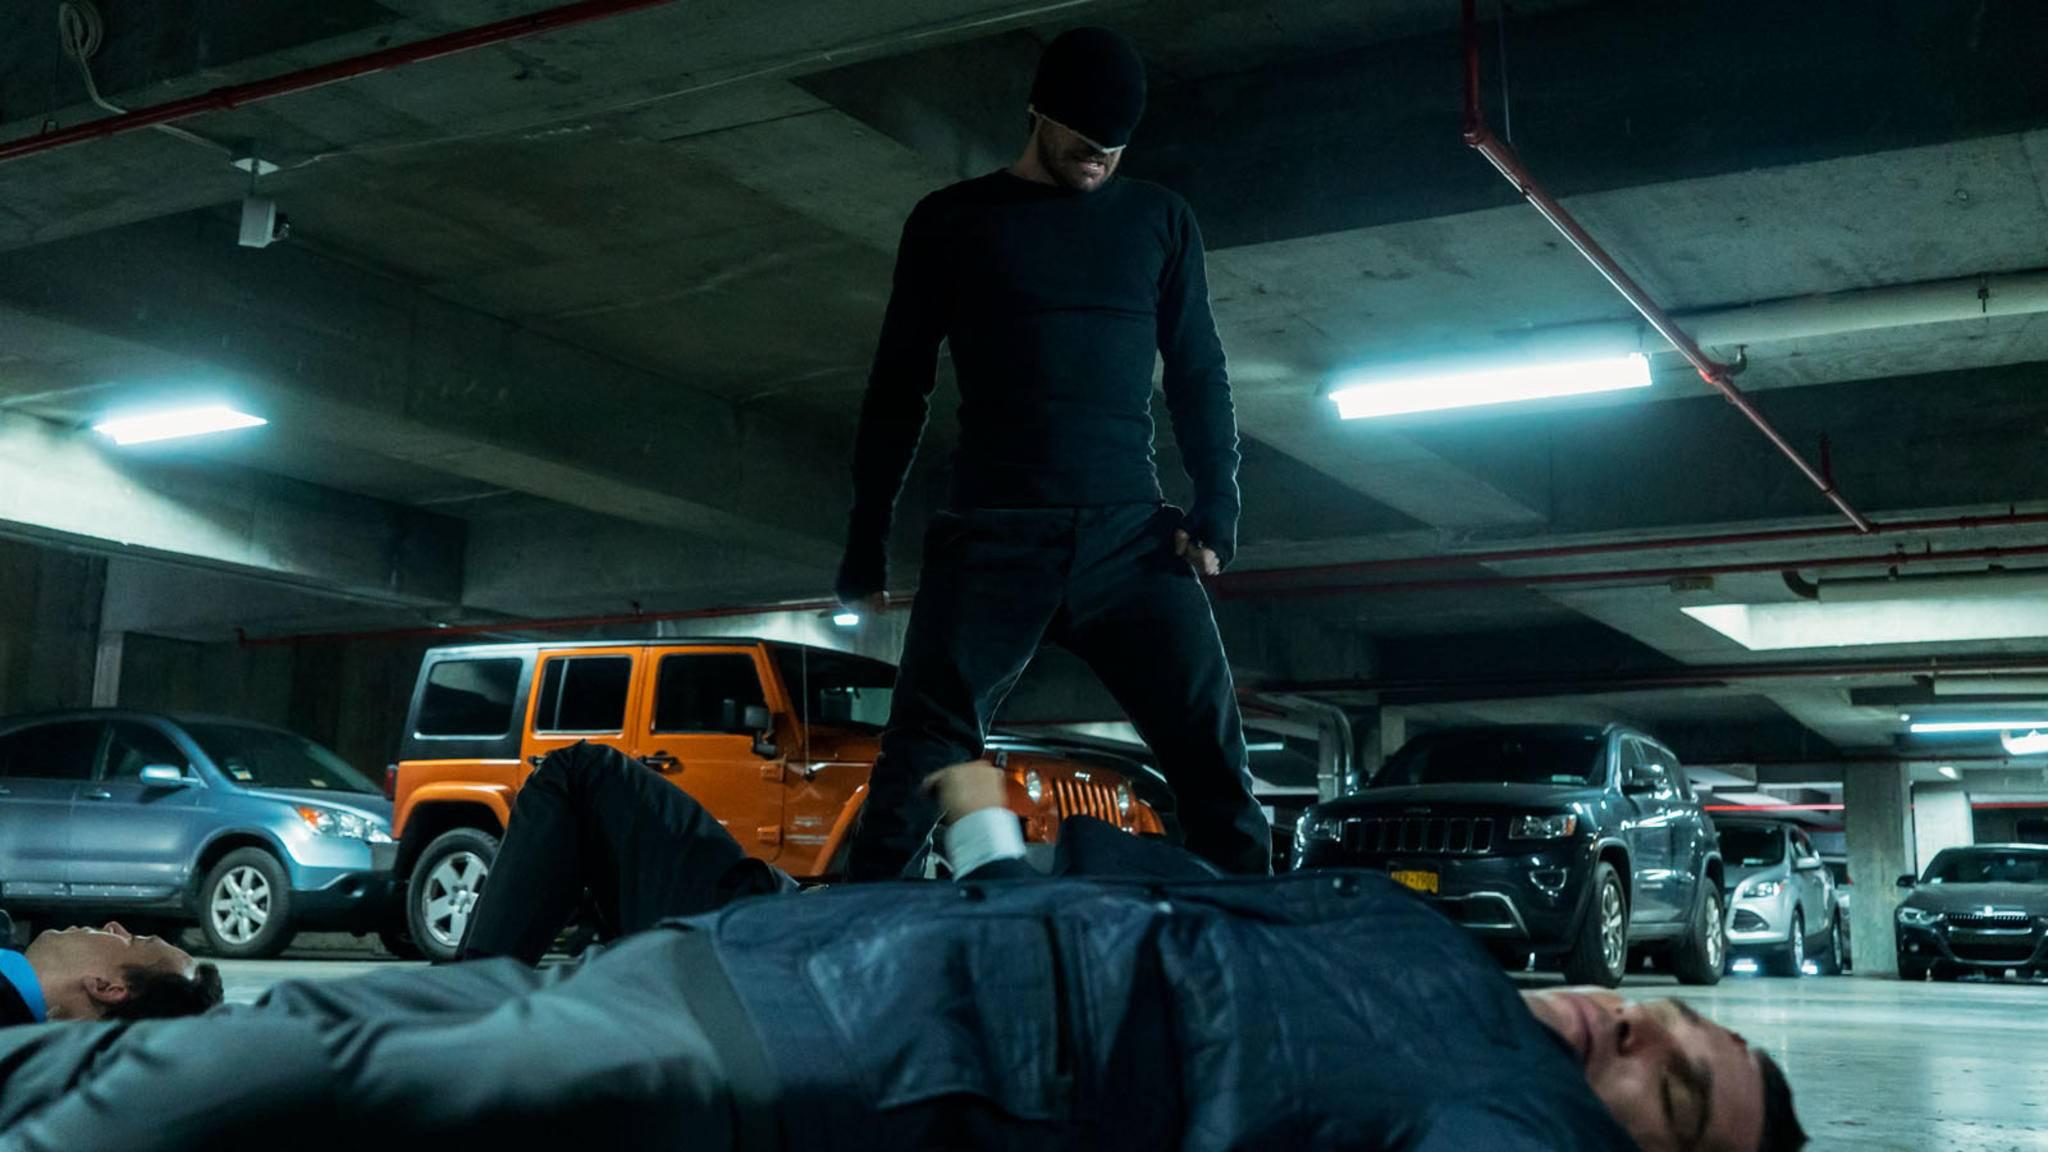 Matt Murdock aka Daredevil hat sich verändert – und nicht unbedingt zu seinem Vorteil. Kehrt der Held zu alter Stärke zurück?